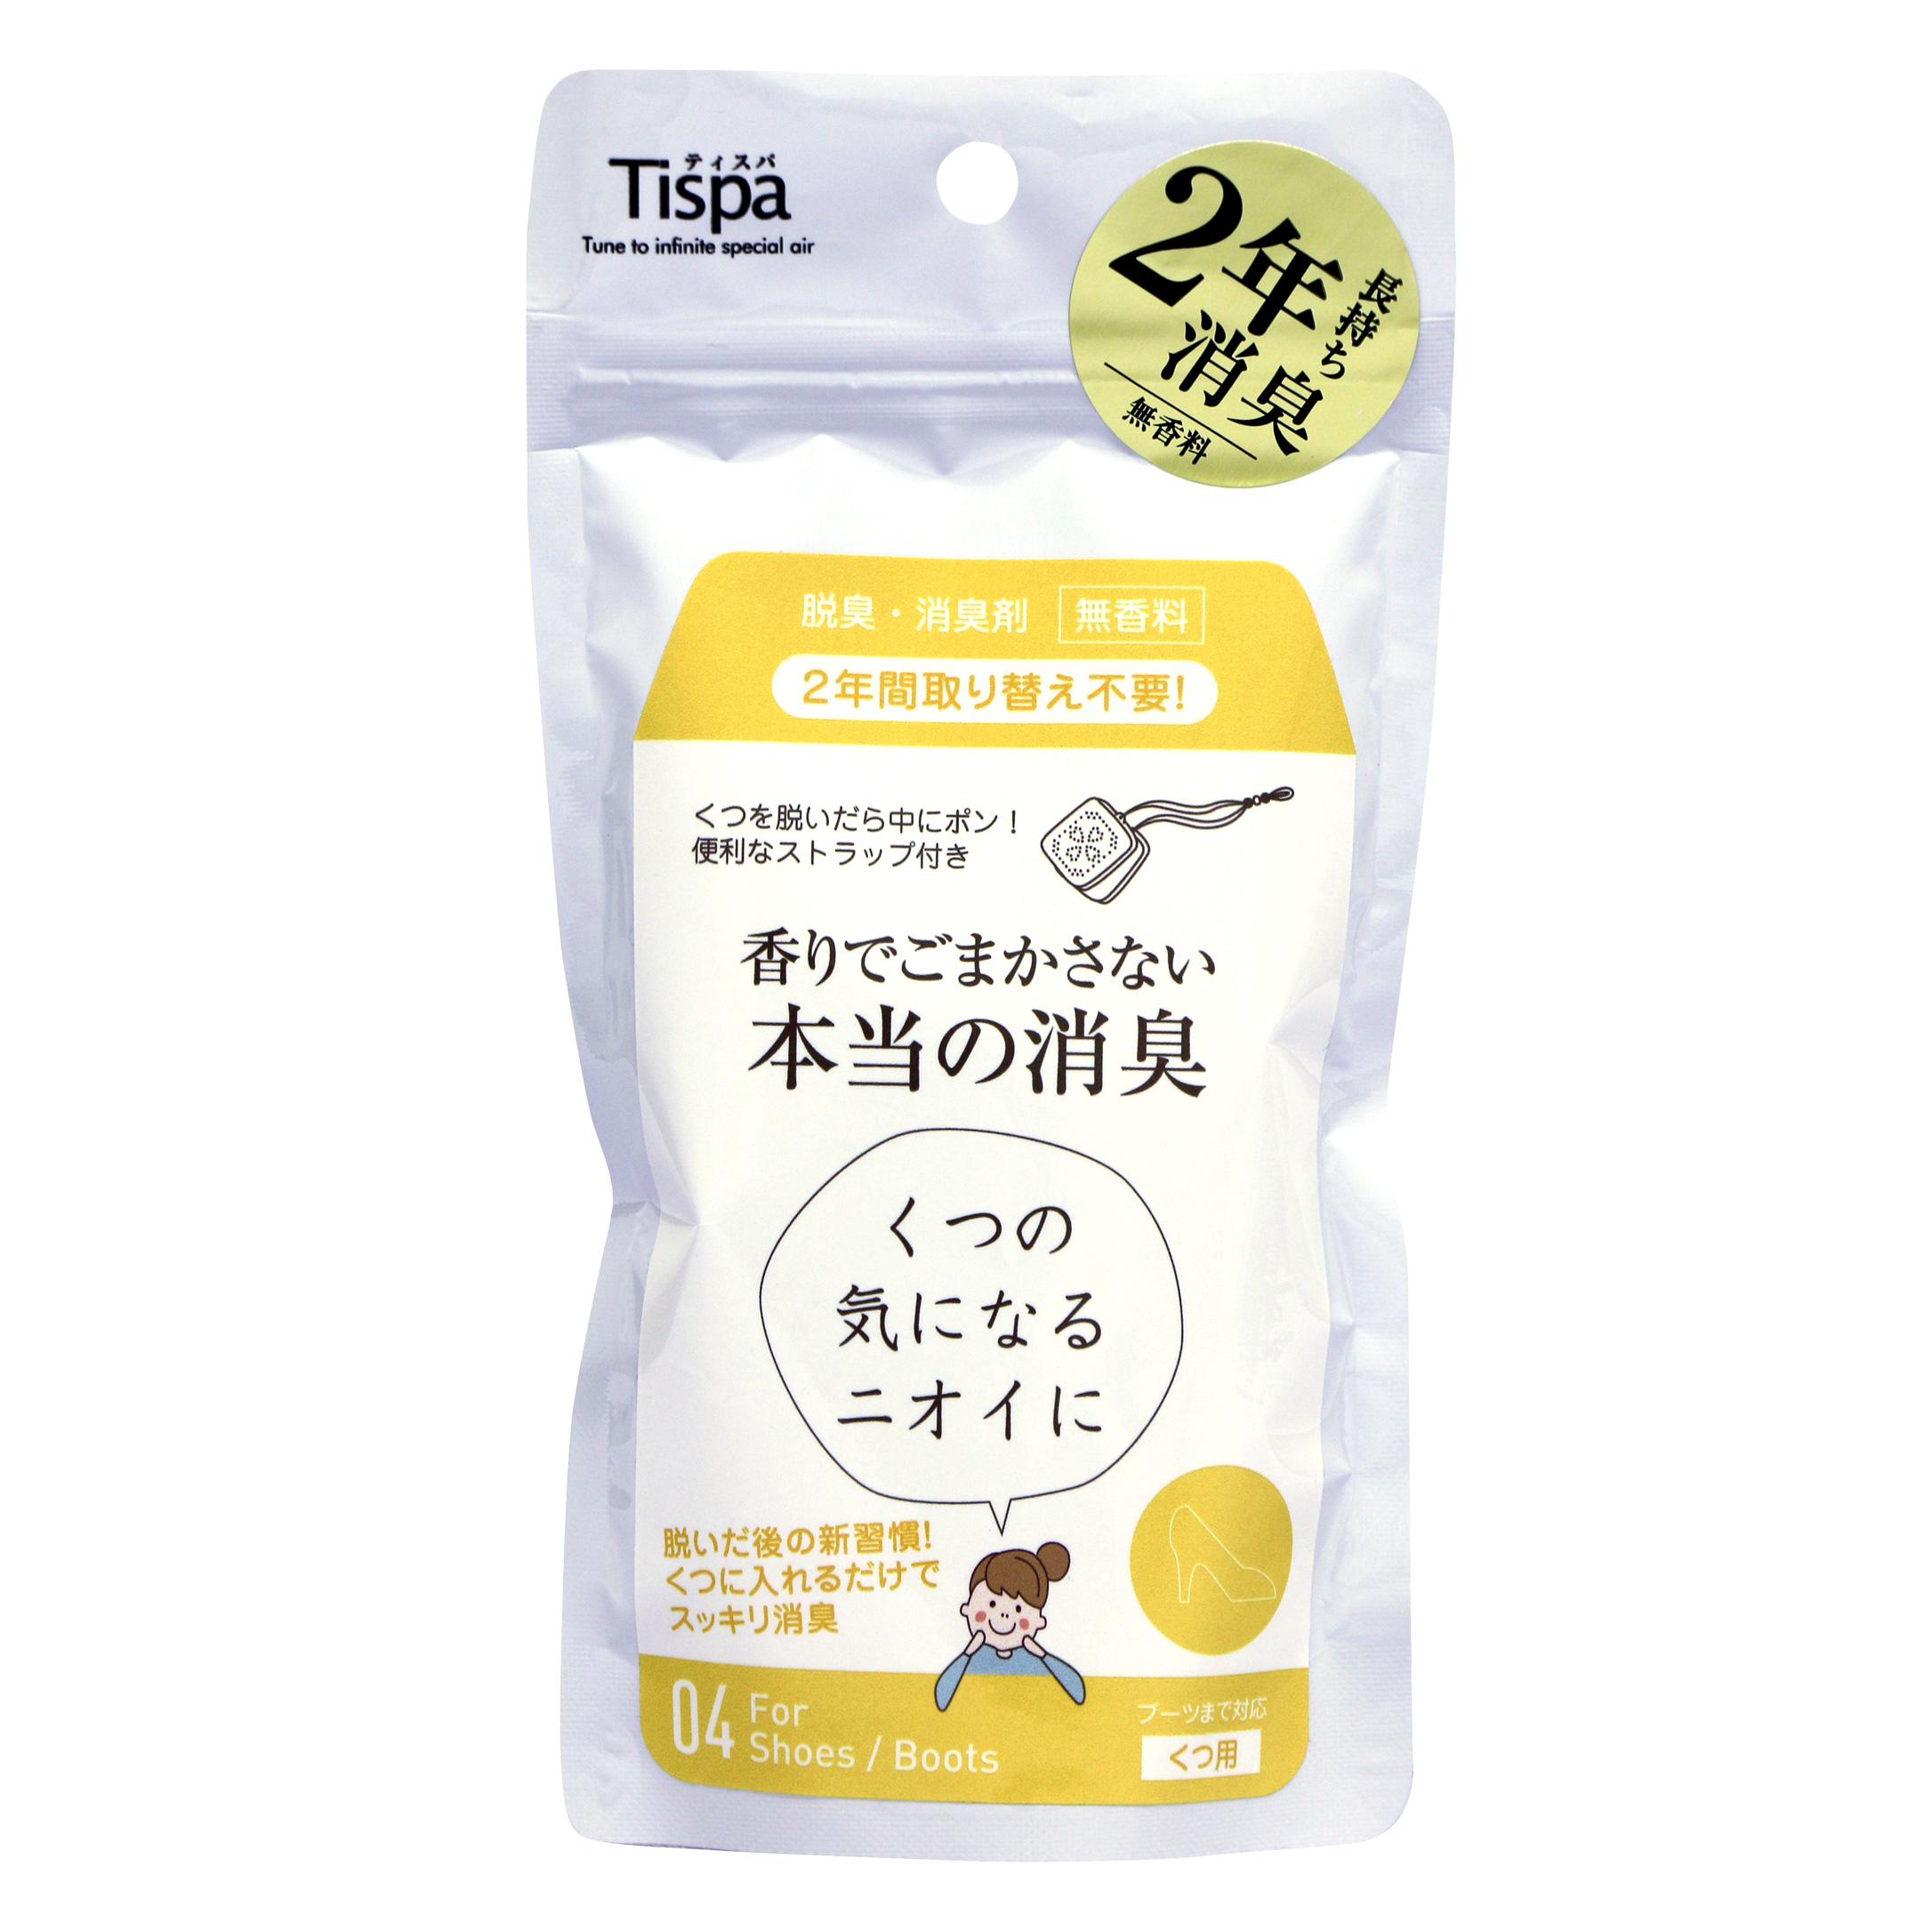 Tispa 香りでごまかさない本当の消臭 くつ用